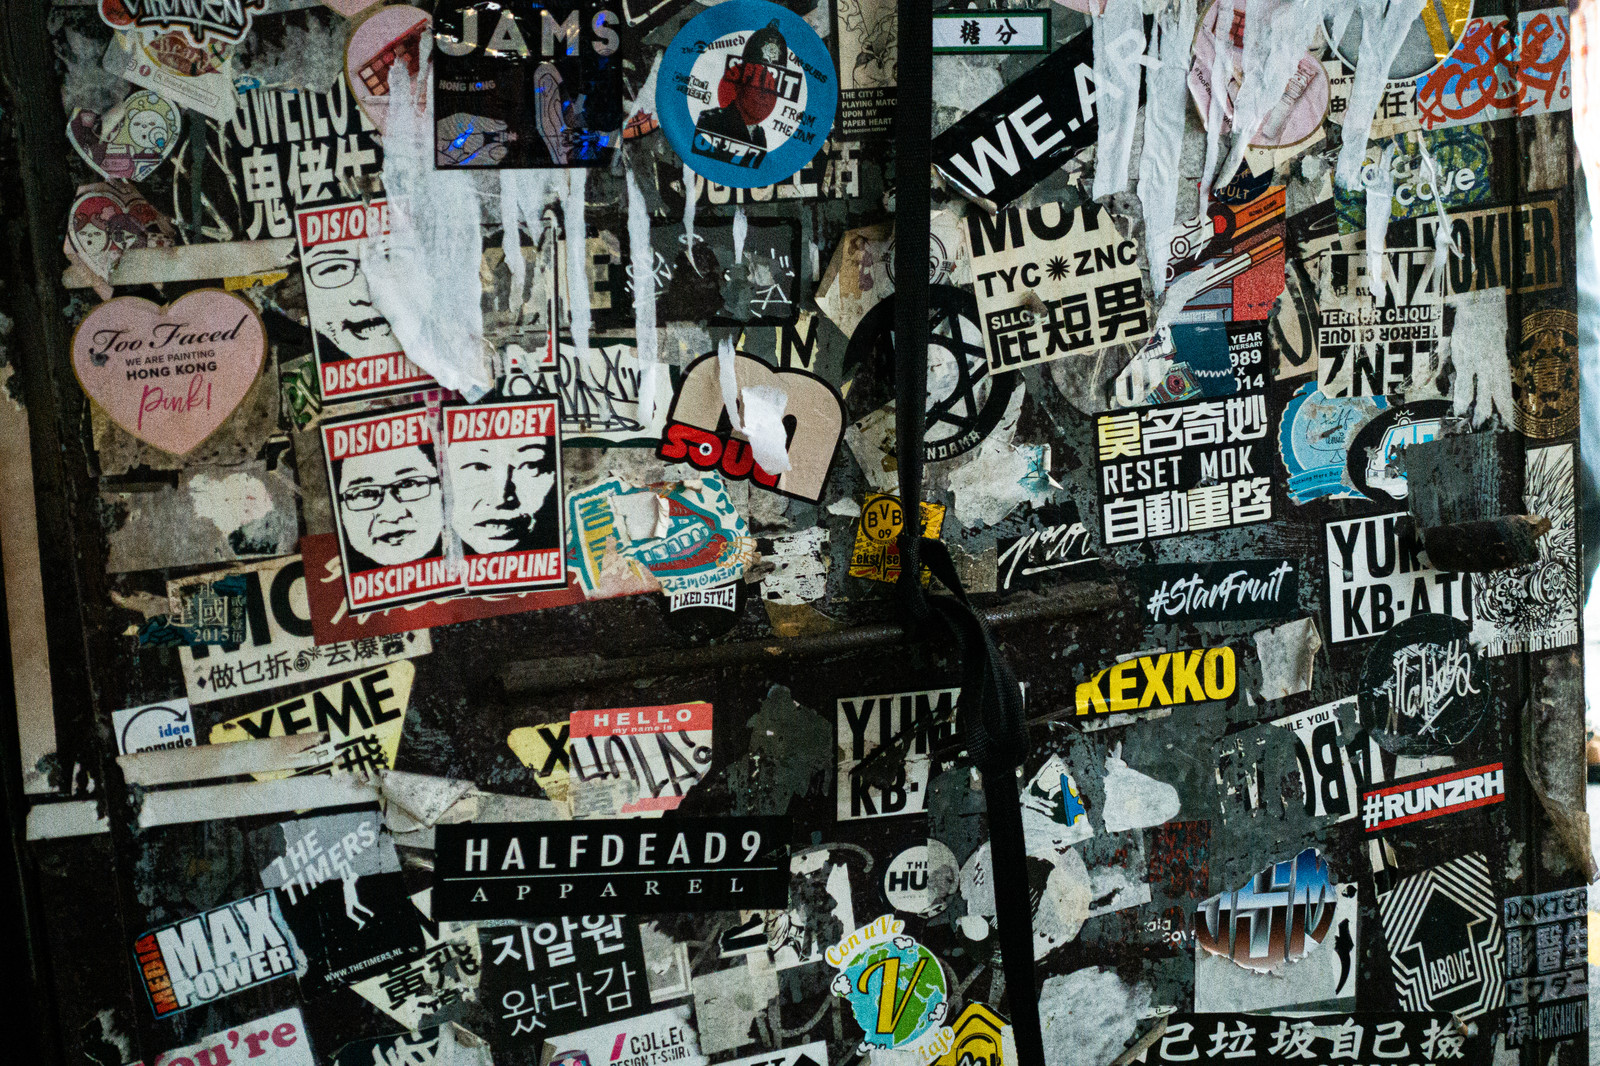 「ステッカーが貼られまくっている壁」の写真